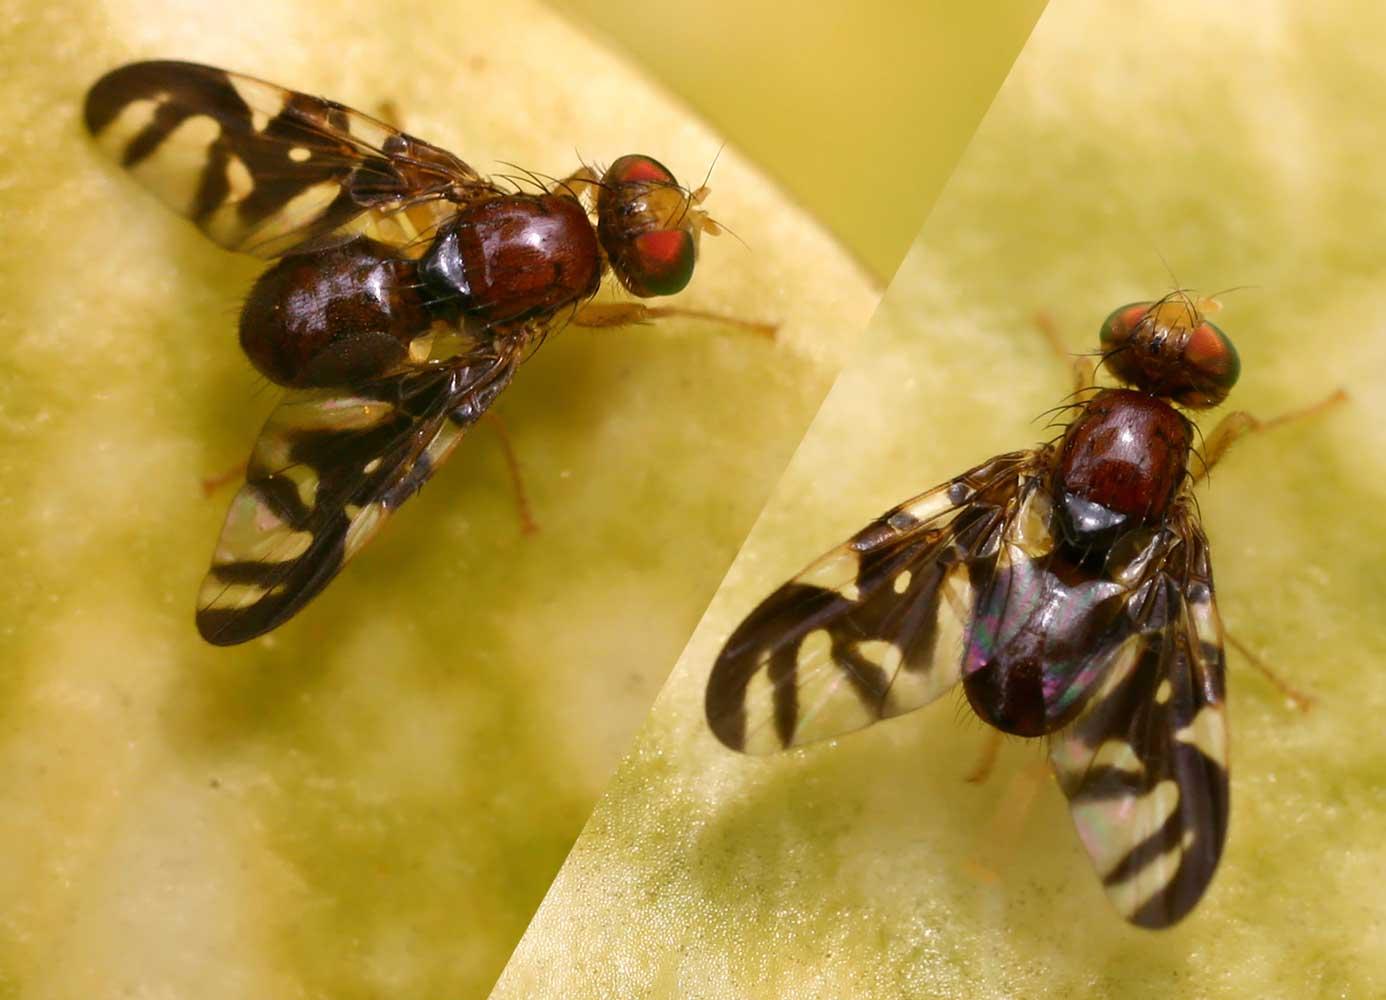 Bohrfliegen wikipedia for Fliegen lebensdauer